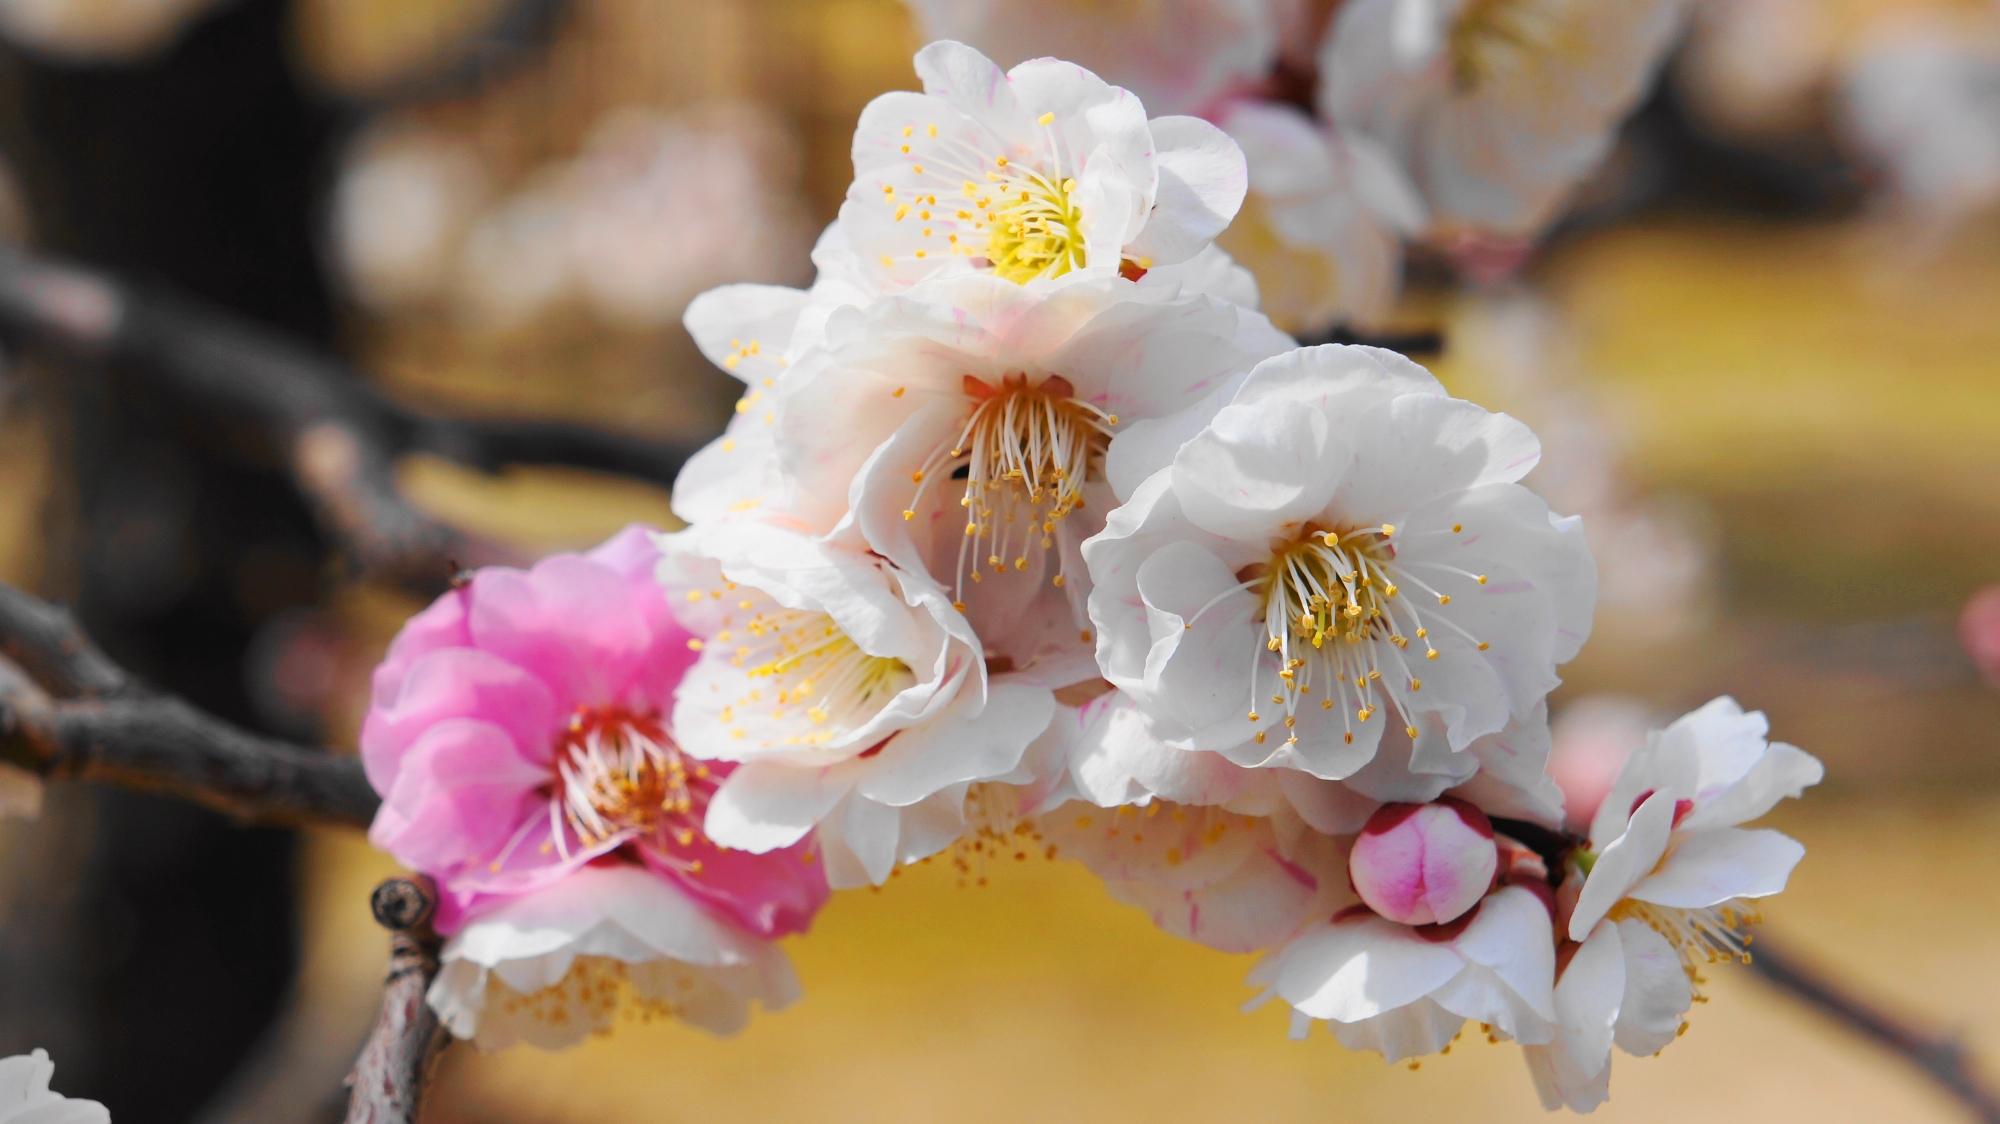 いろんな方向を向いてどんどん咲く白やピンクの梅の花